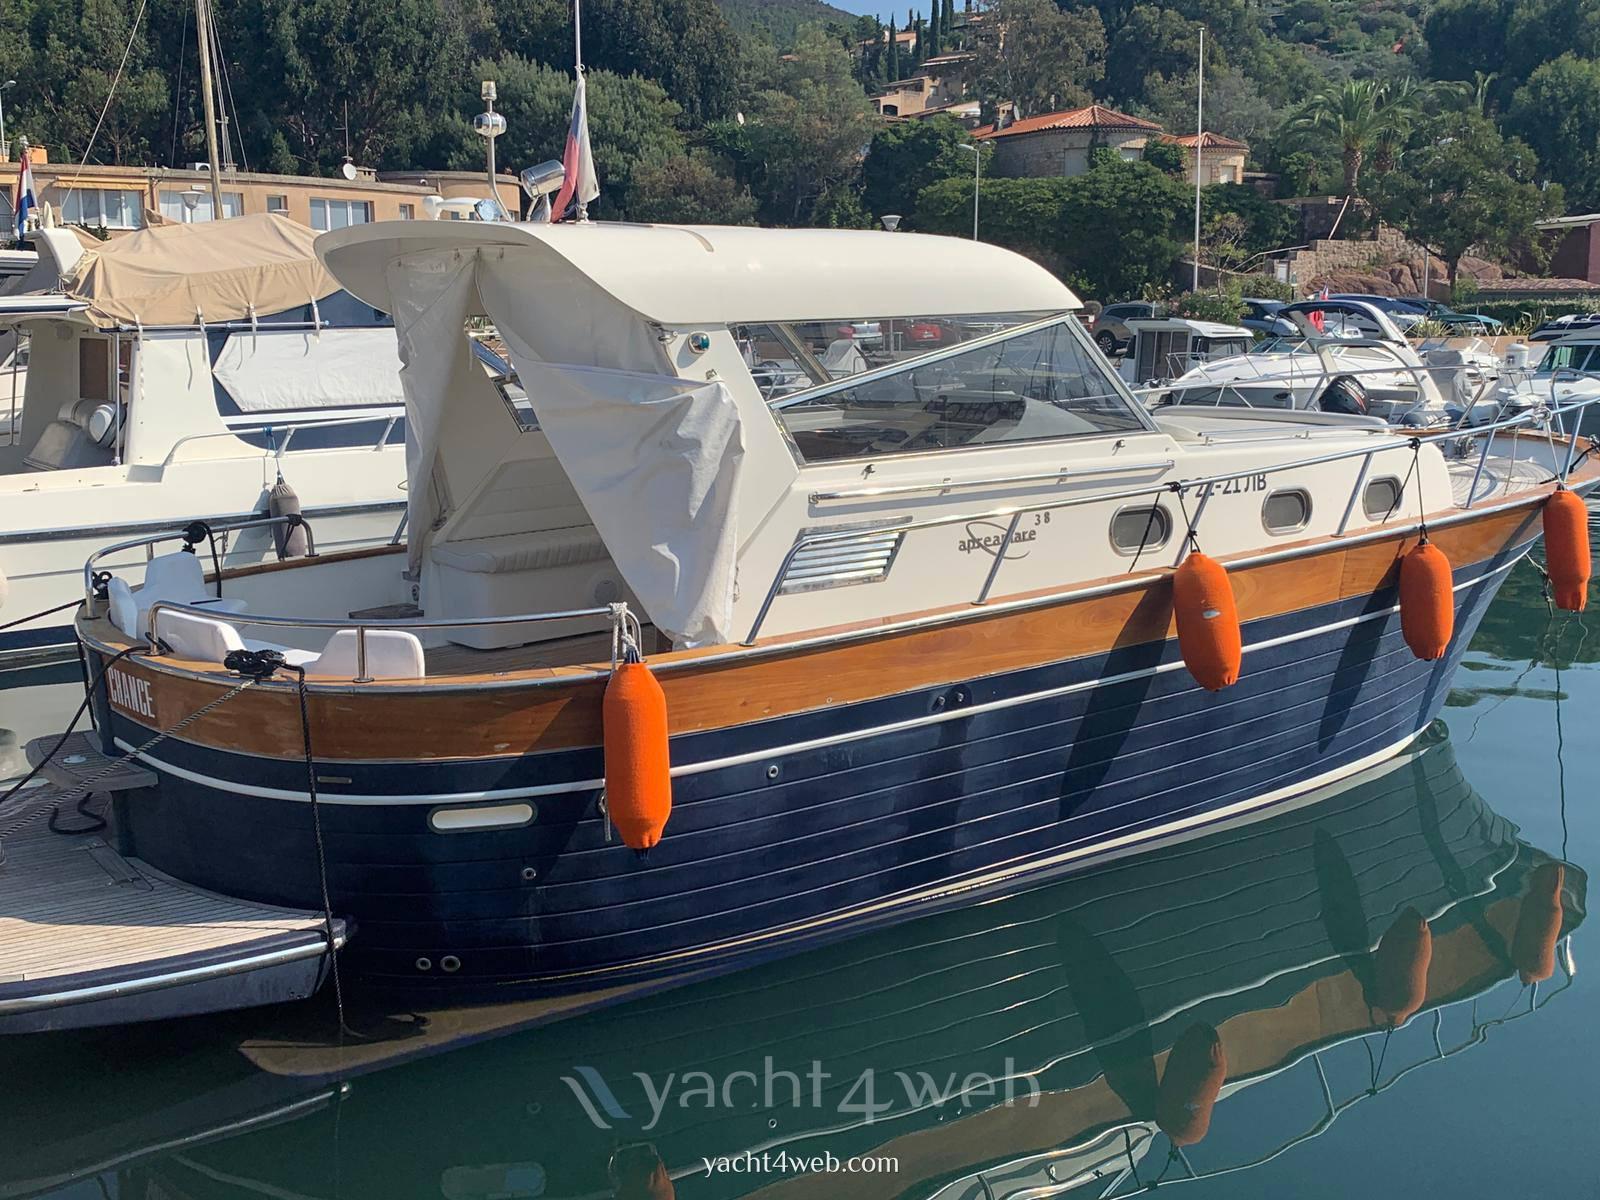 Aprea Mare 38' comfort Gozzo cabin cruiser